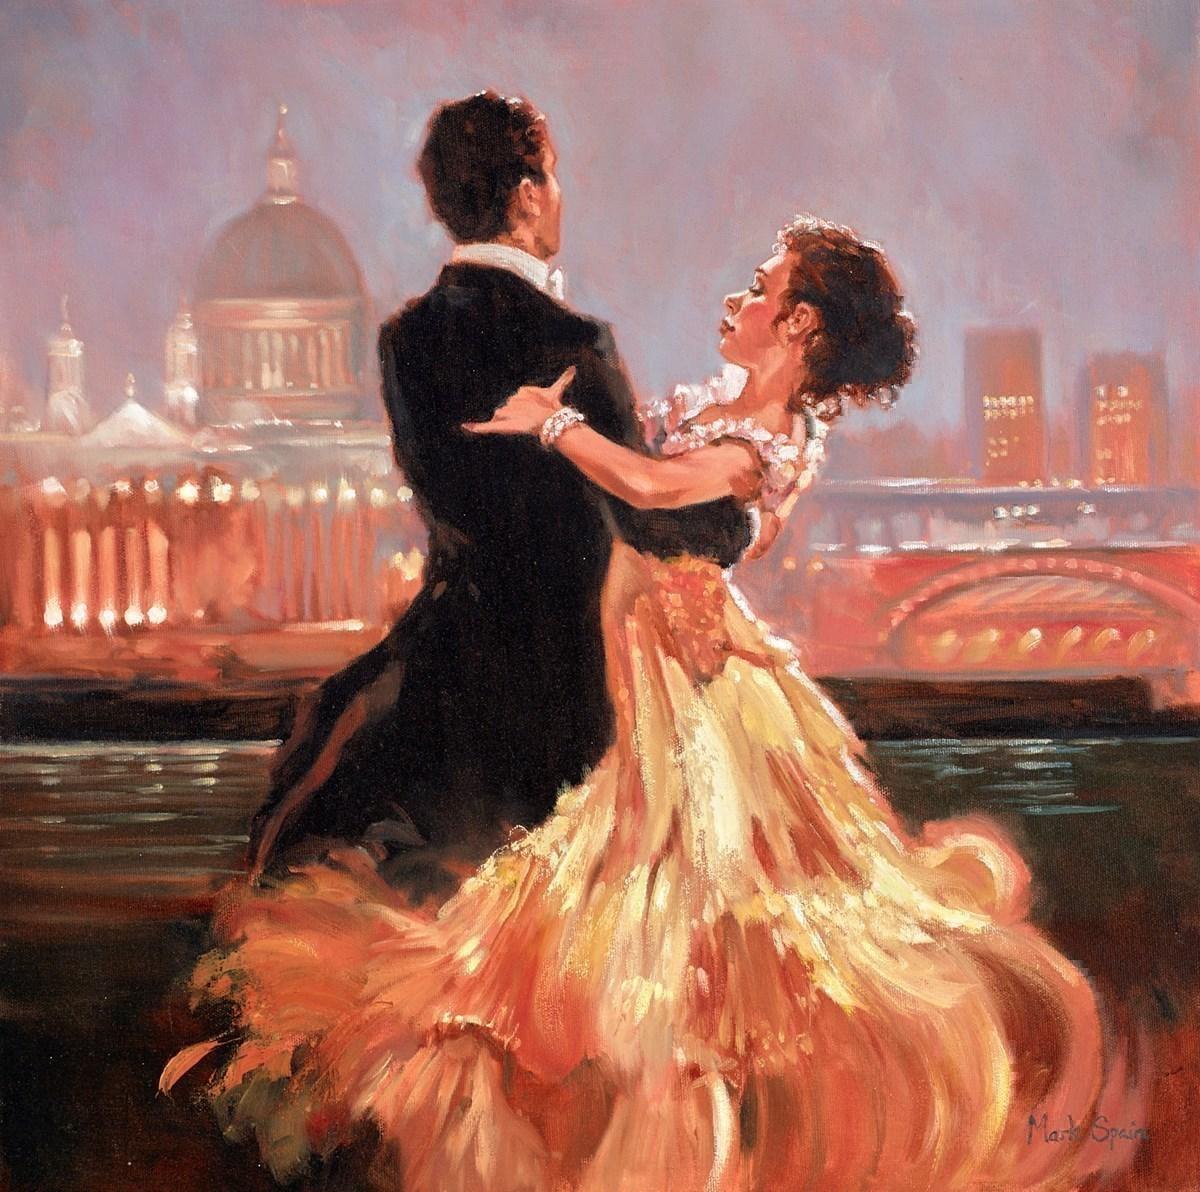 London Waltz by Mark Spain -